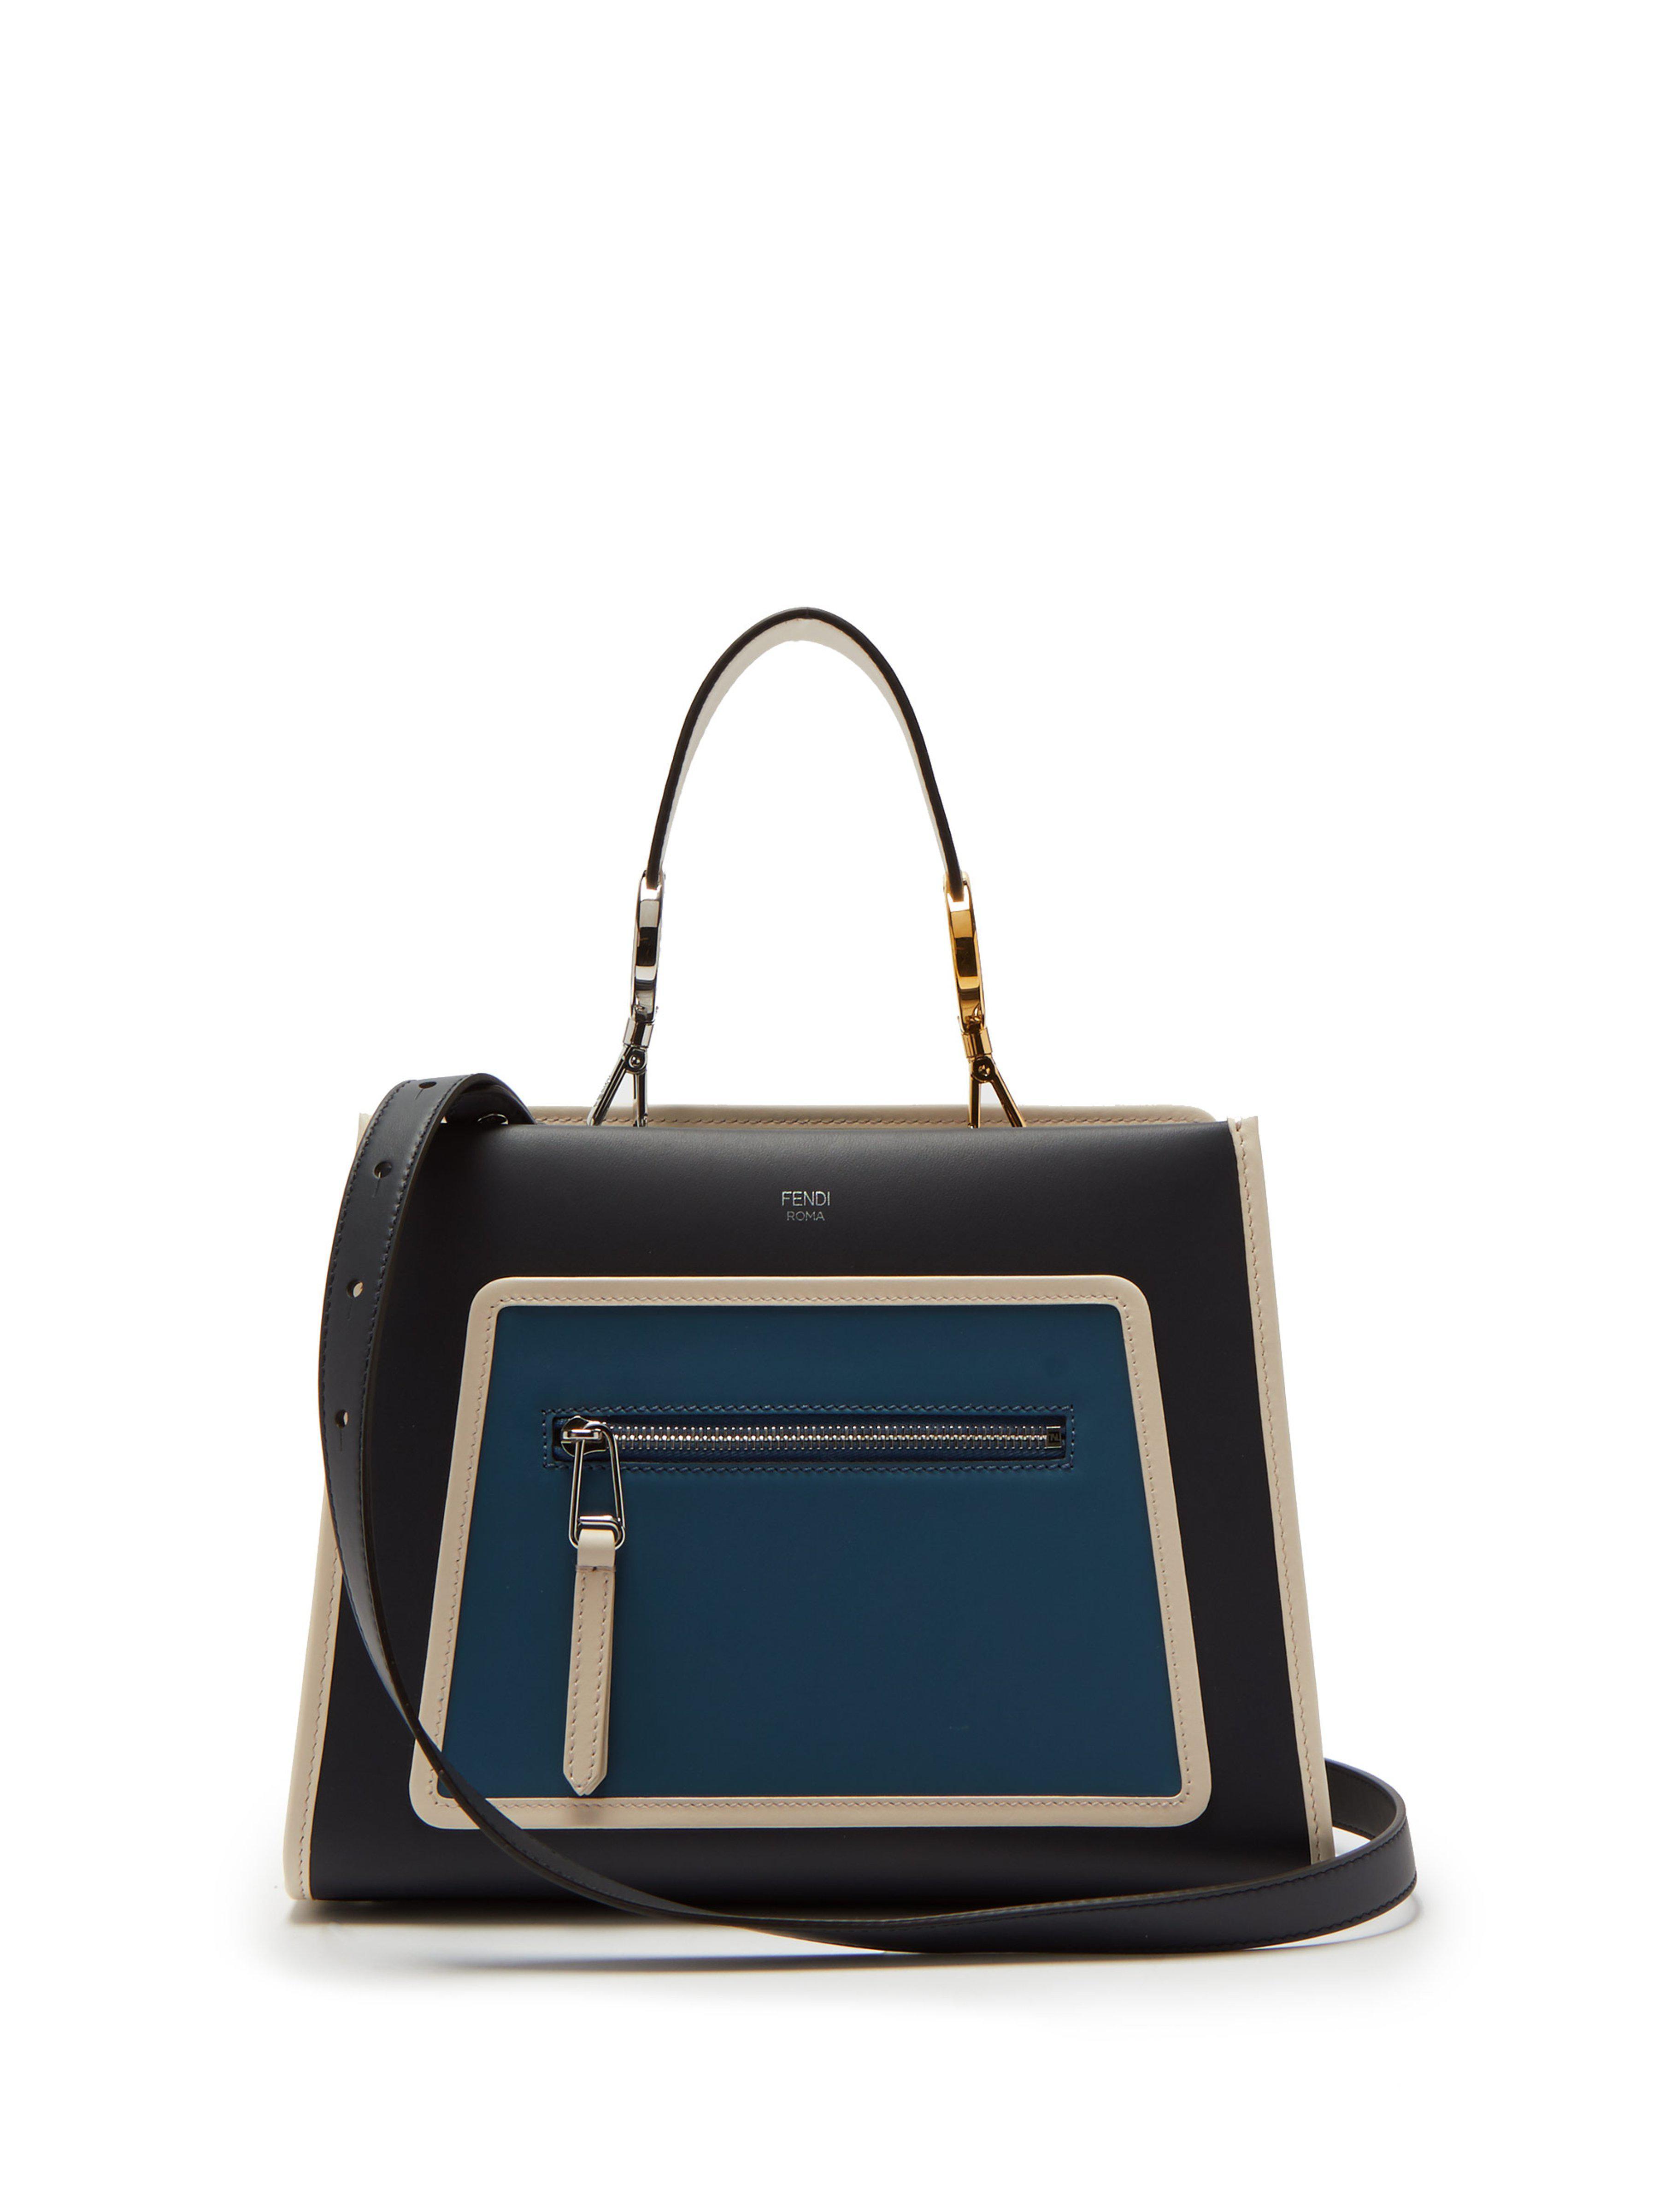 142abdee4b63 Fendi Runaway Leather Bag in Blue - Lyst